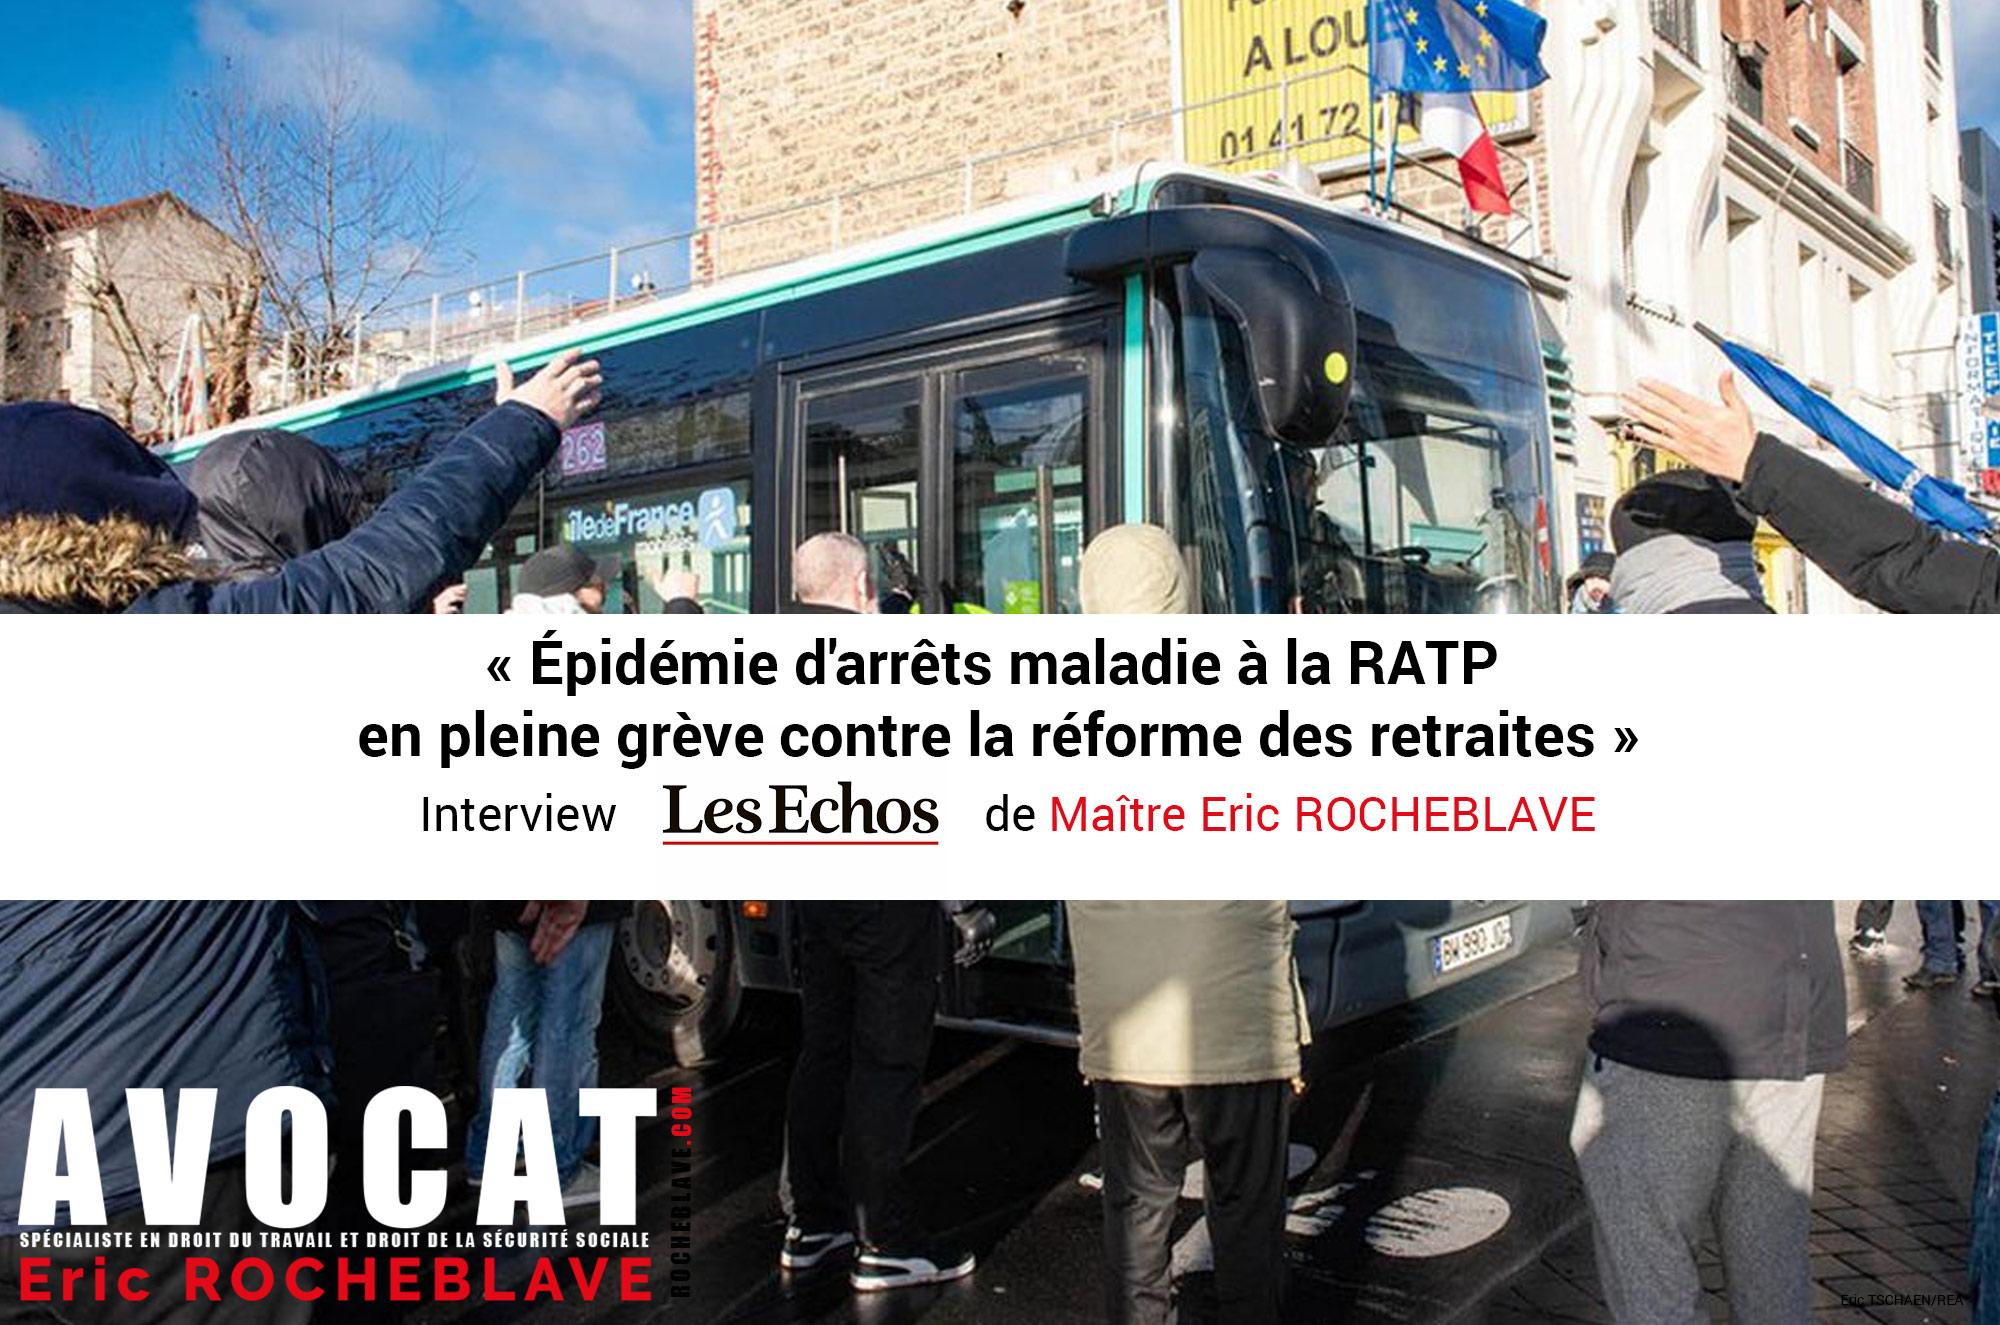 « Épidémie d'arrêts maladie à la RATP  en pleine grève contre la réforme des retraites »  Interview Les Échos de Maître Eric ROCHEBLAVE